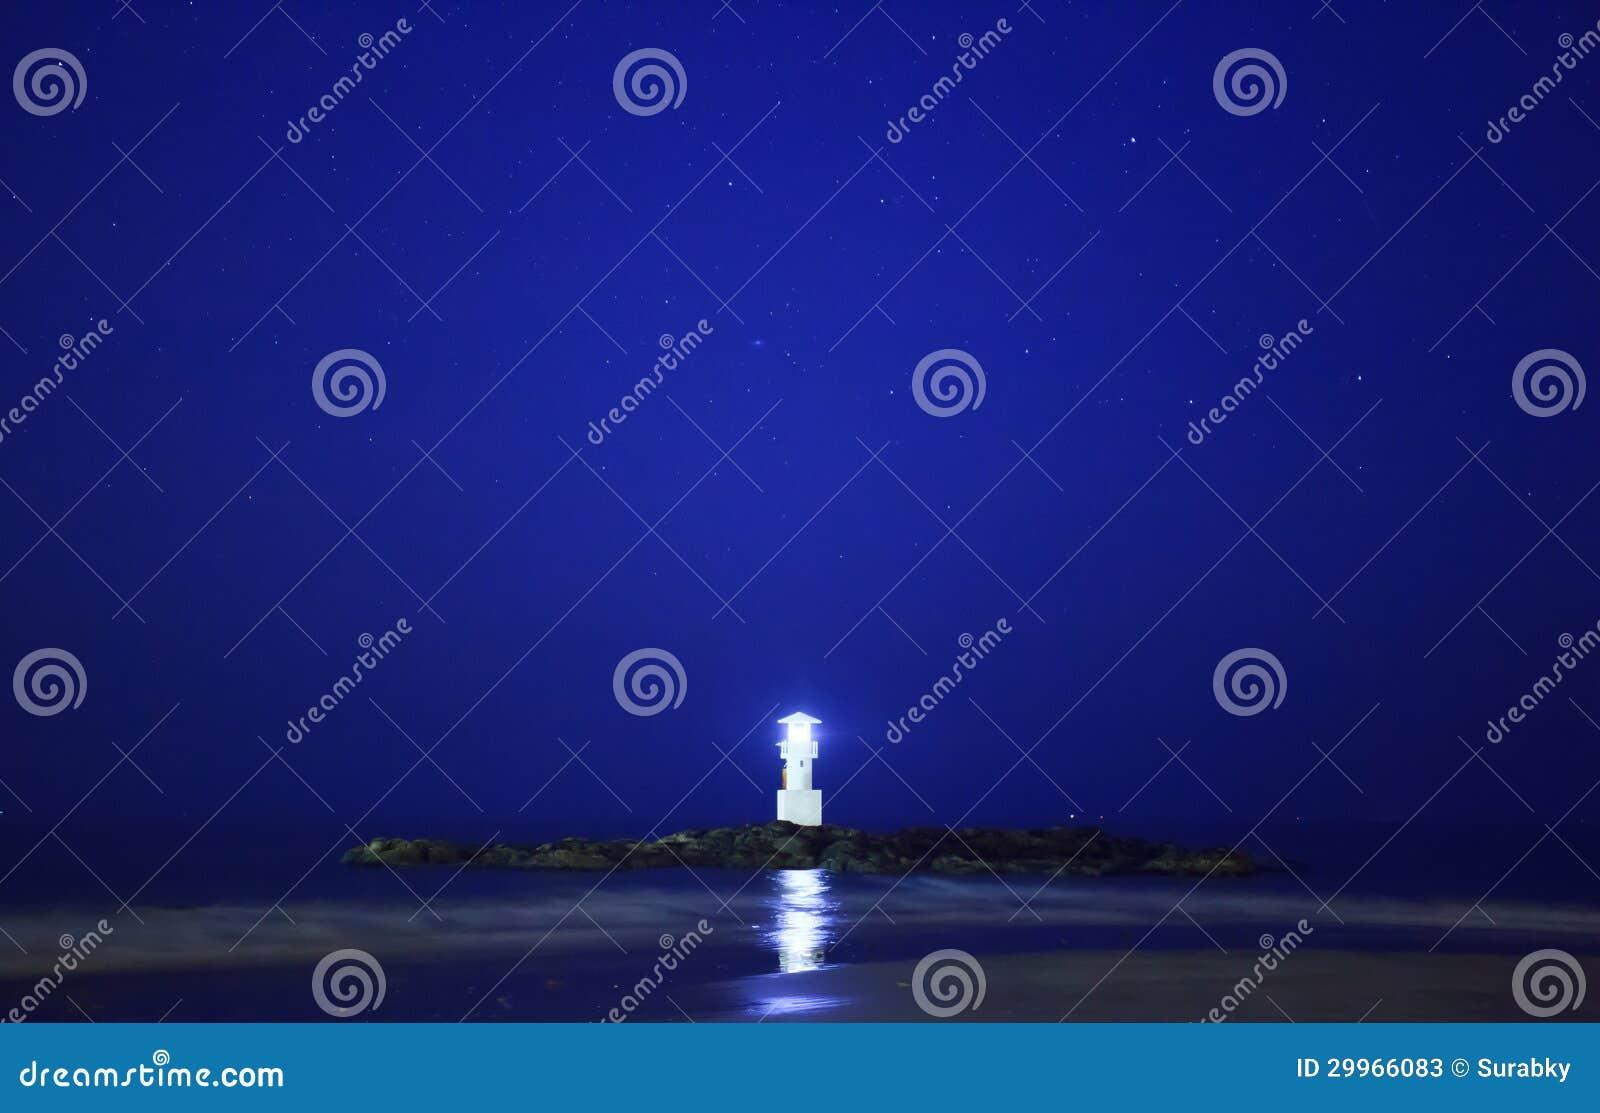 Phare Et étoile Brillante Dans Le Début De La Matinée Image